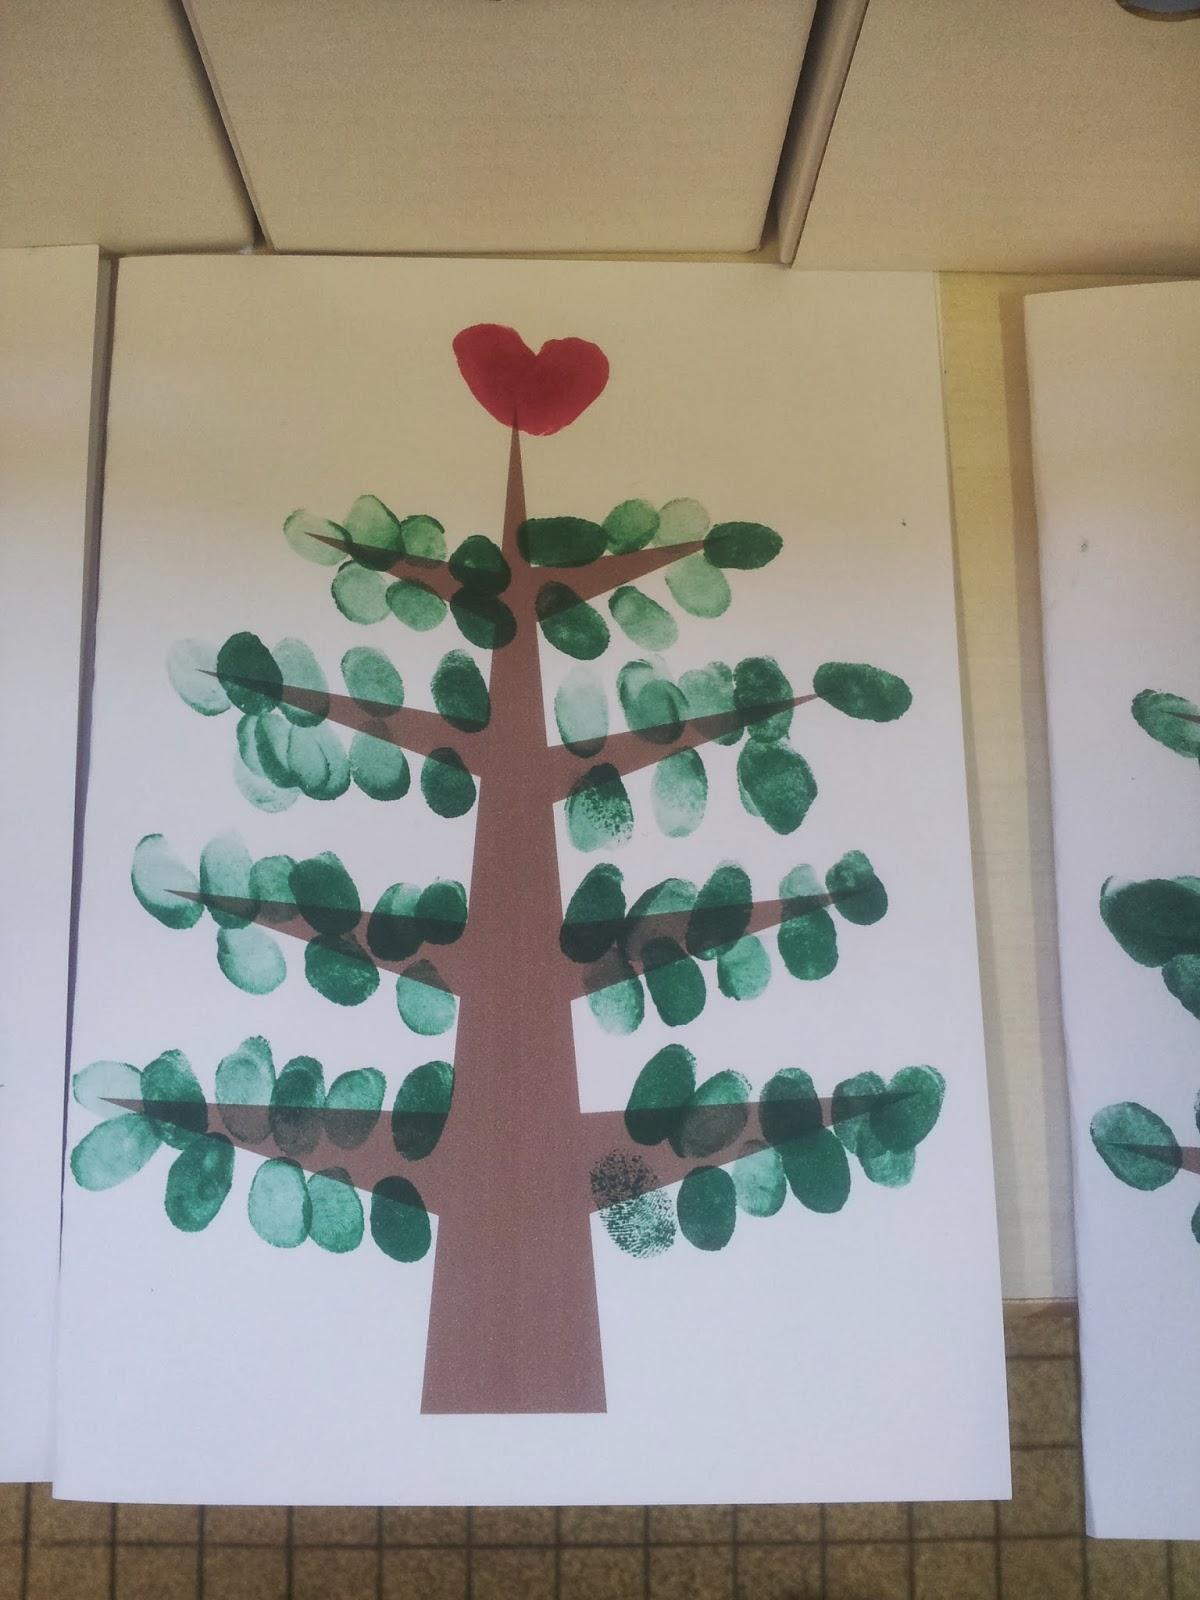 #407067 La Maternelle De Laurène: Carte De Noël 5461 décorations de noel maternelle 1200x1600 px @ aertt.com